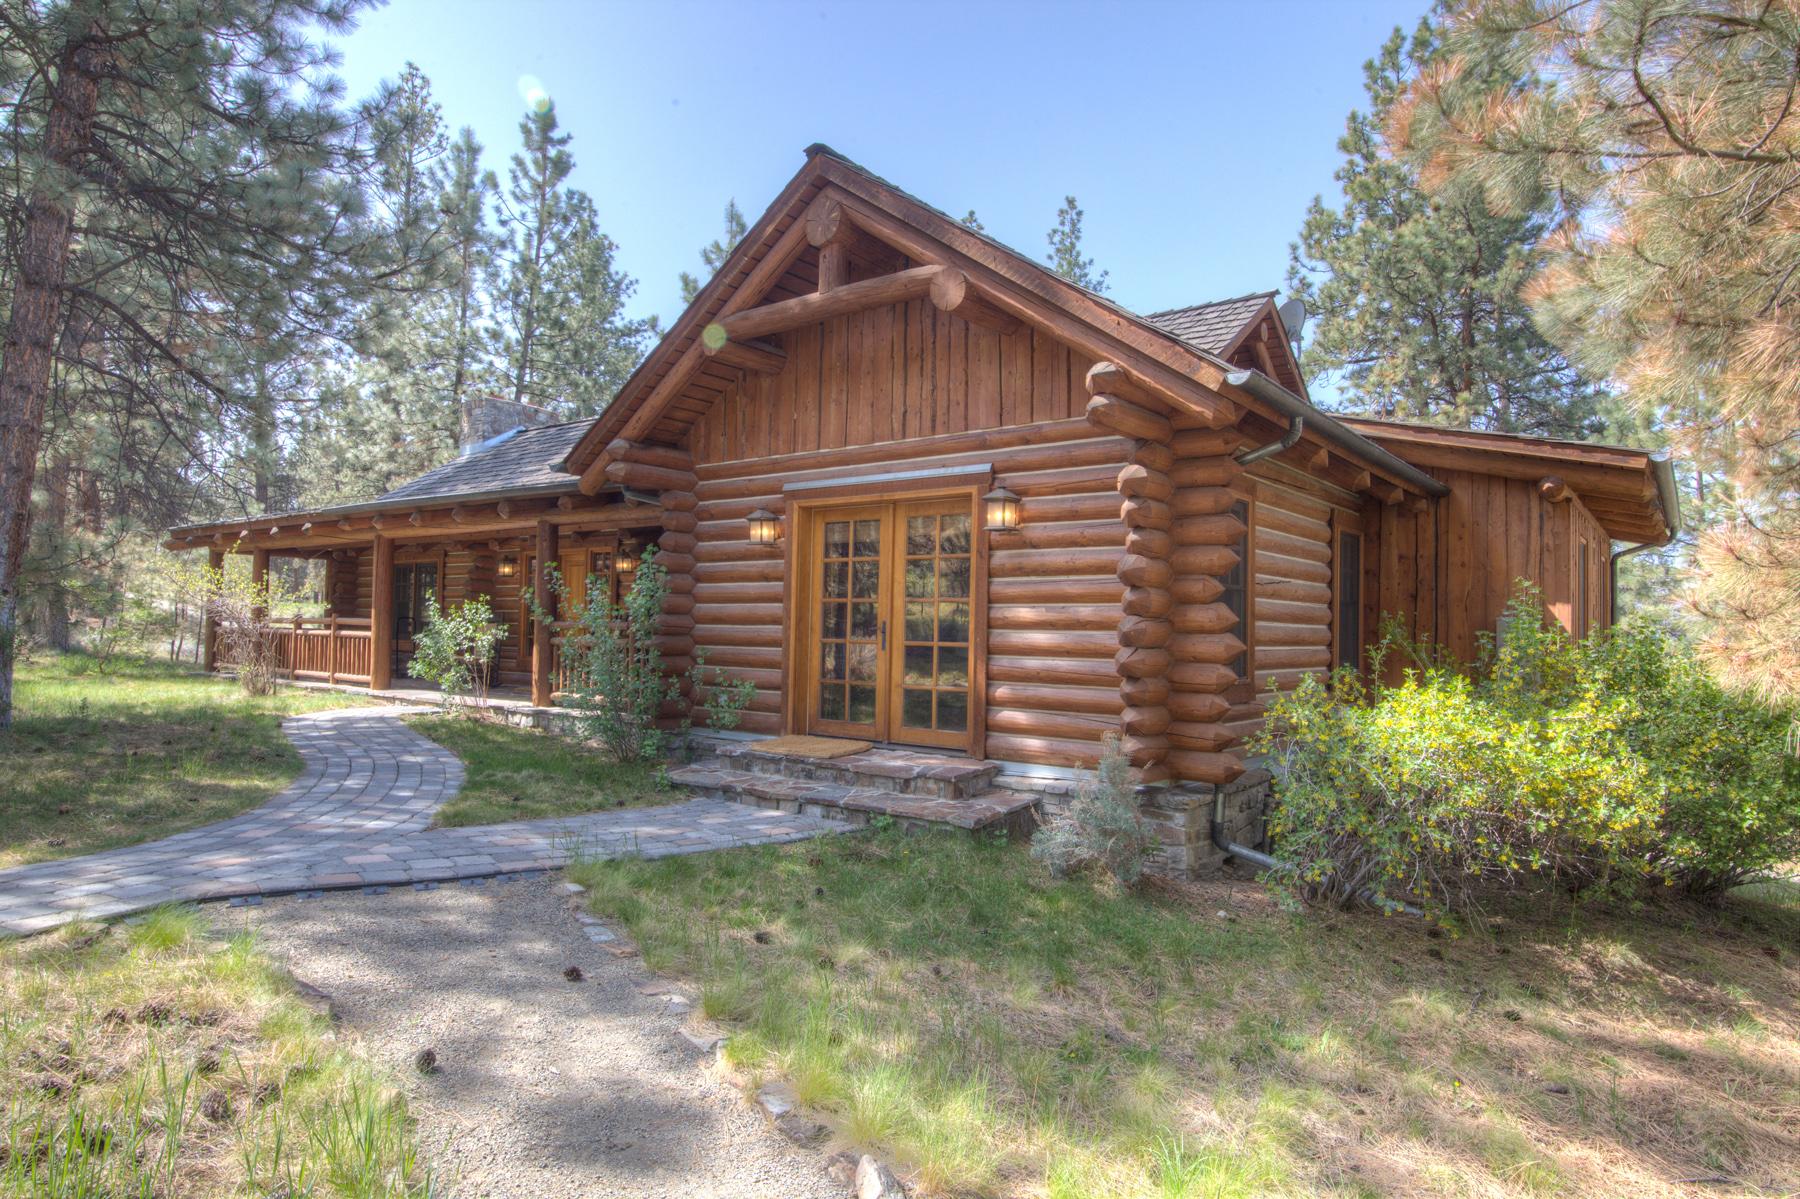 단독 가정 주택 용 매매 에 Stock Farm Cabin 3 700 Pallo Trail Hamilton, 몬타나, 59840 미국